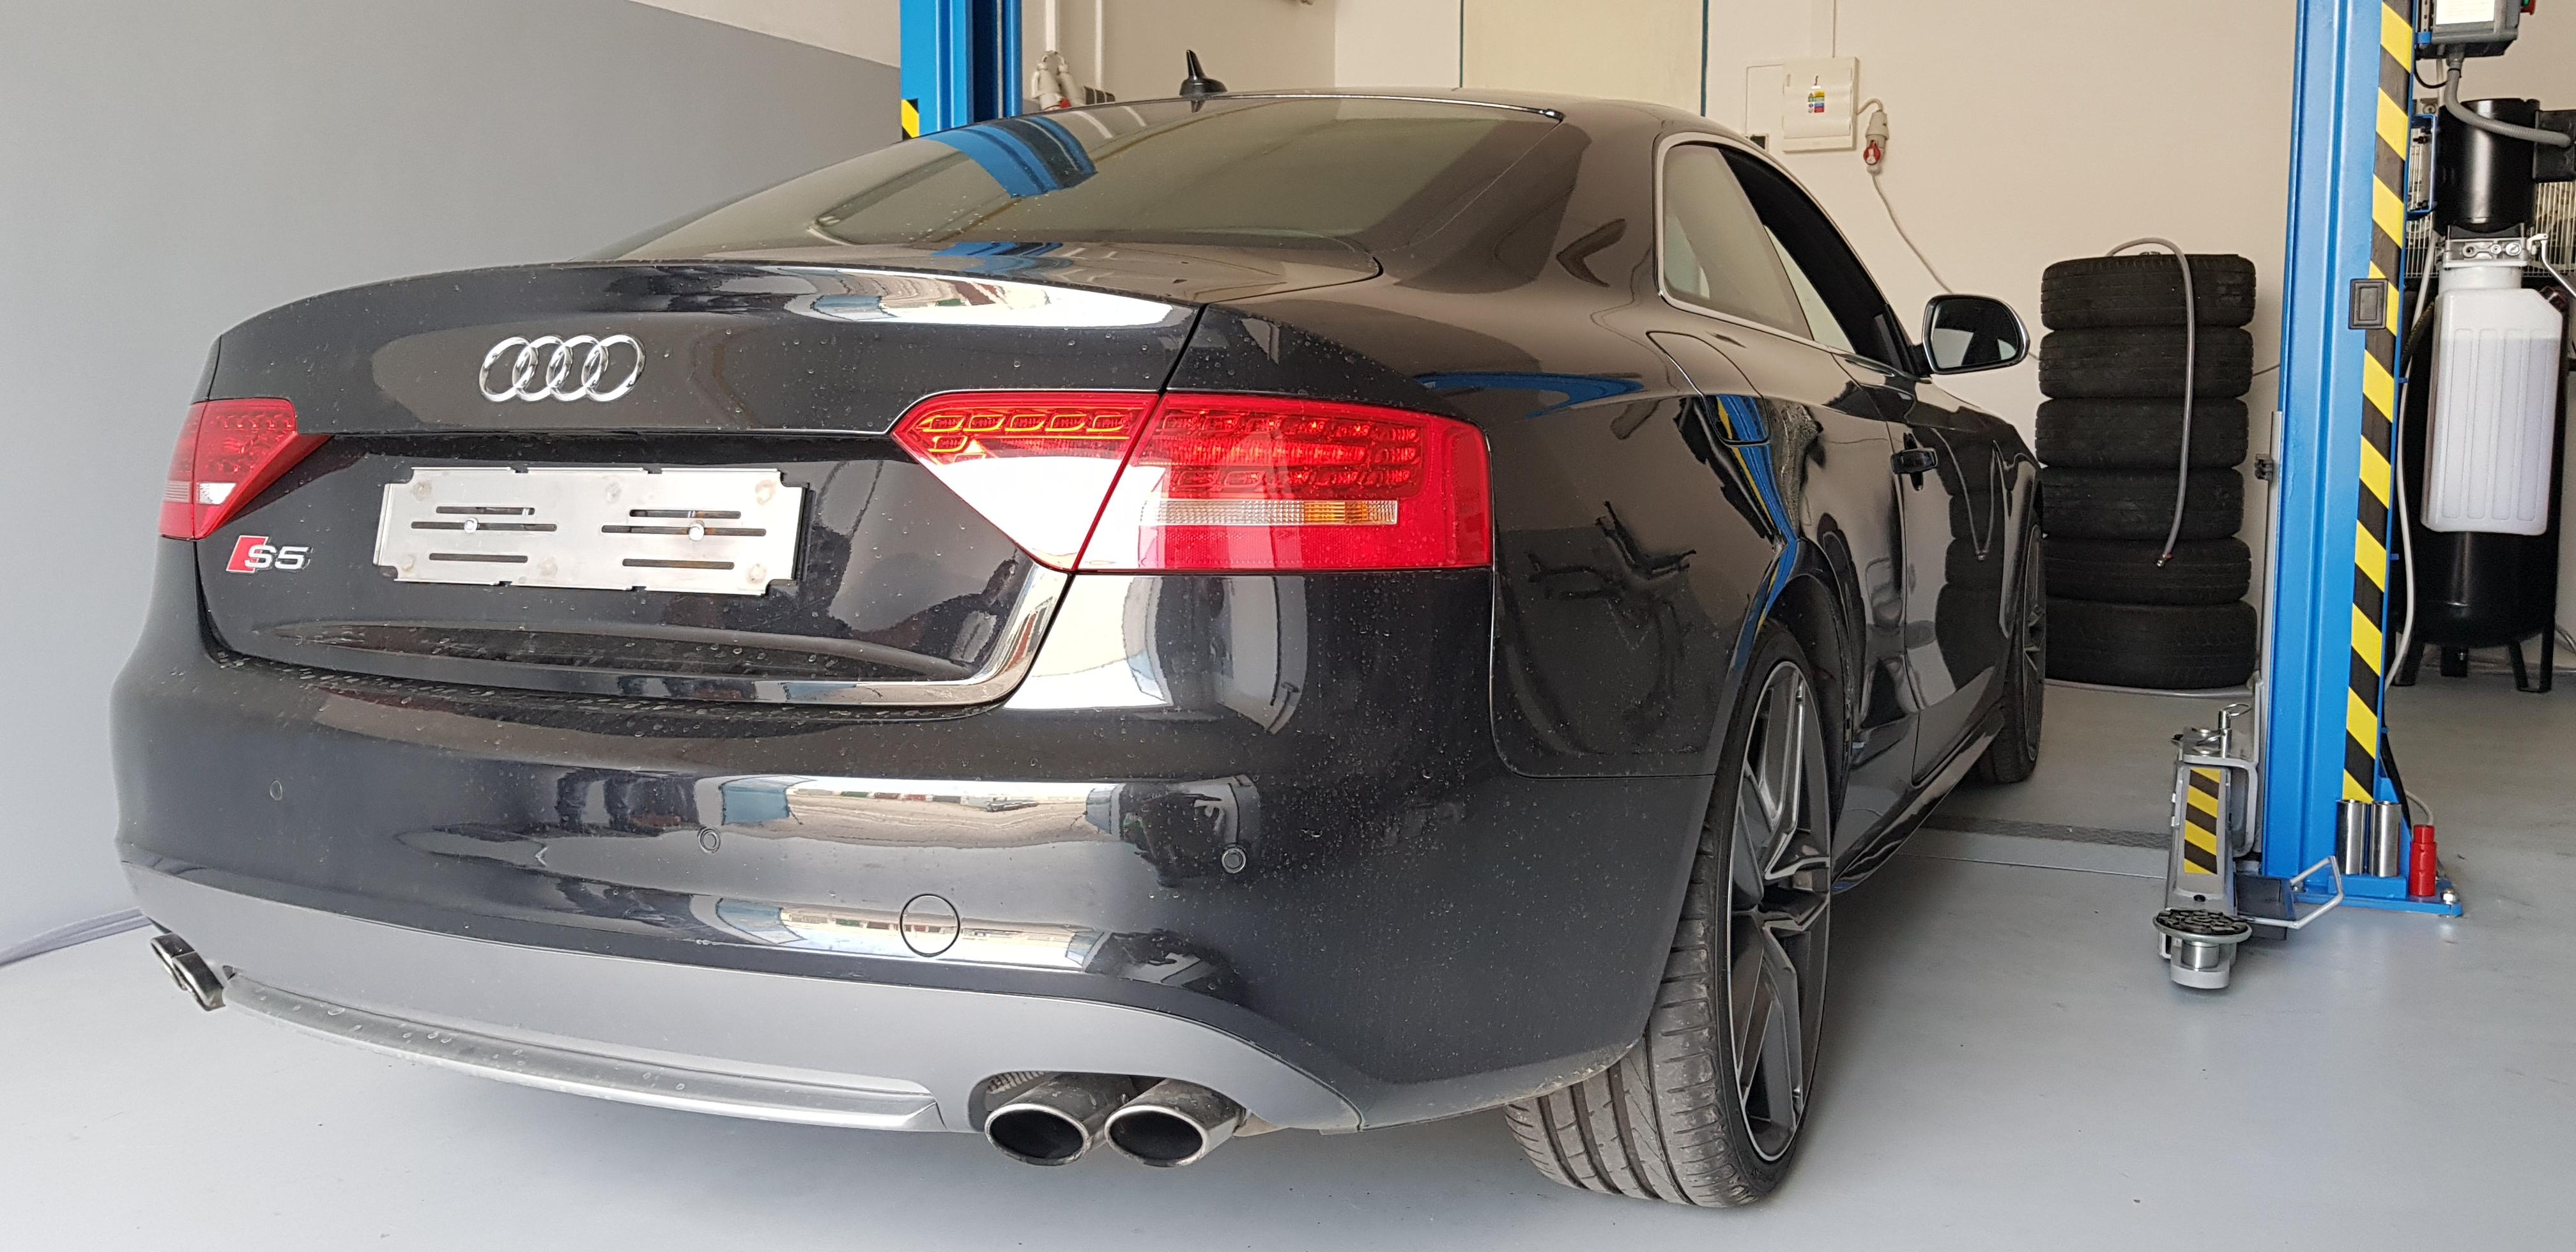 Audi_S5_Akrapovic_002